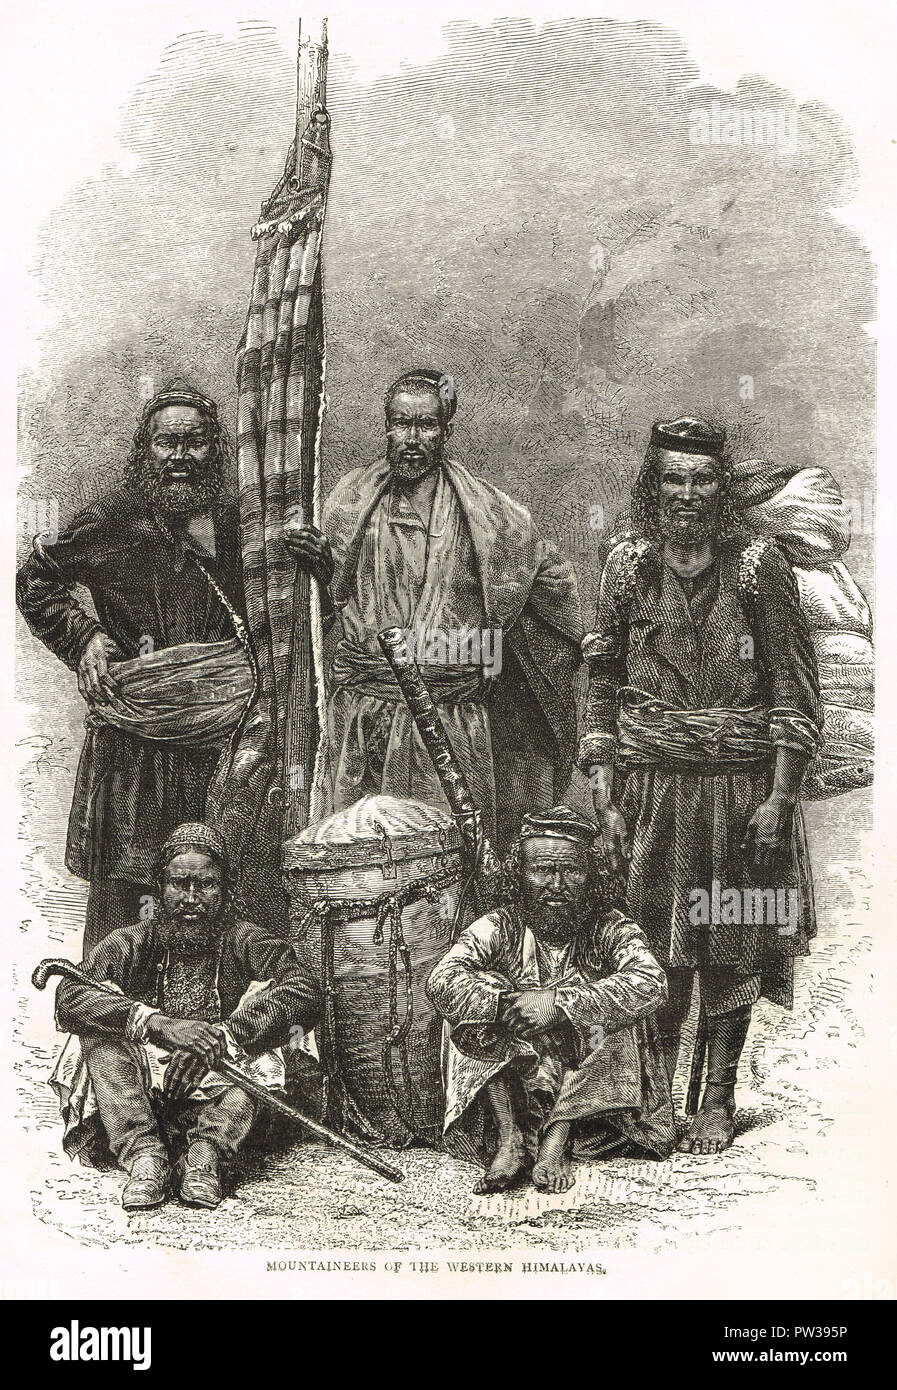 Gli alpinisti del western Himalaya, secolo XIX Immagini Stock